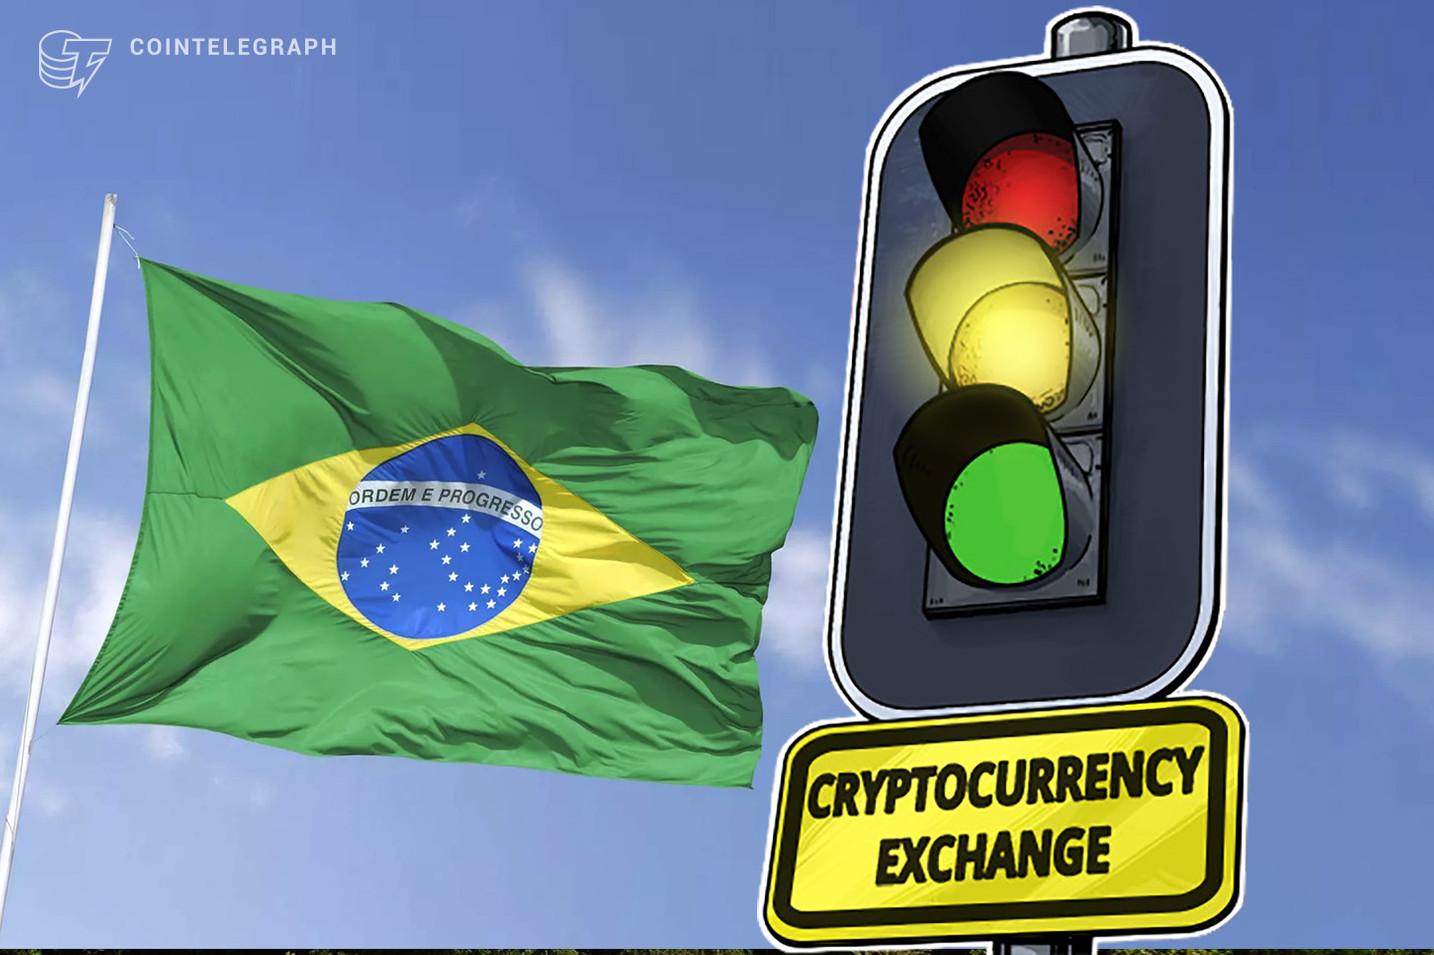 A maior empresa de investimento do Brasil vai lançar o OTC câmbio cripto, dizem fontes locais